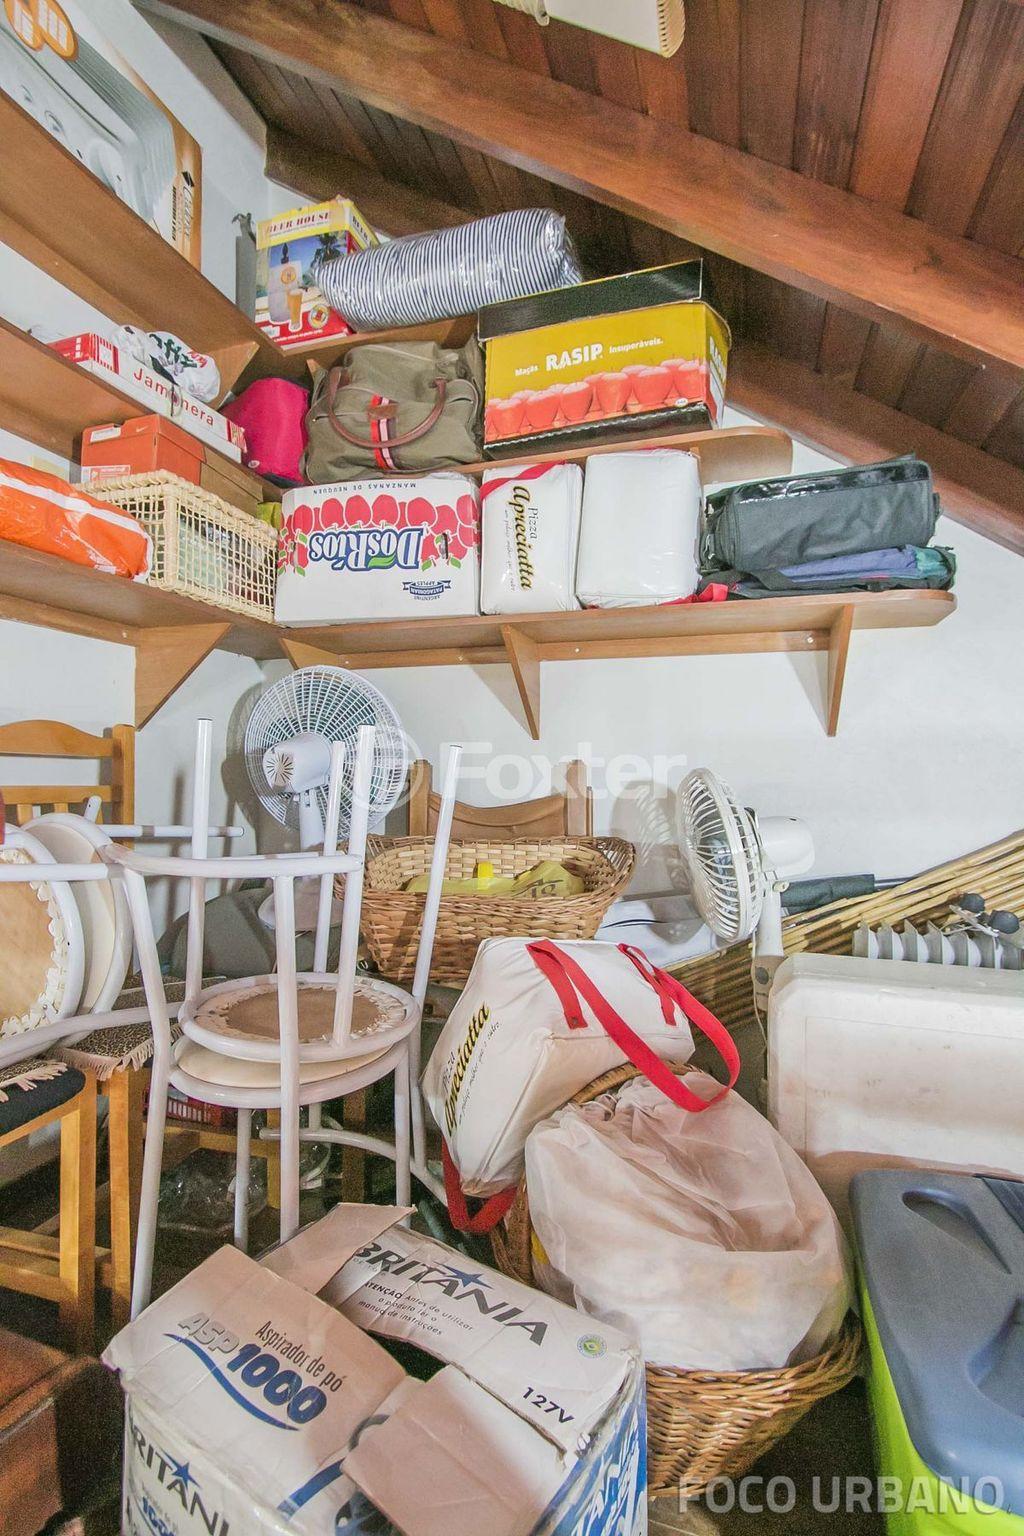 Foxter Imobiliária - Cobertura 4 Dorm (145795) - Foto 30